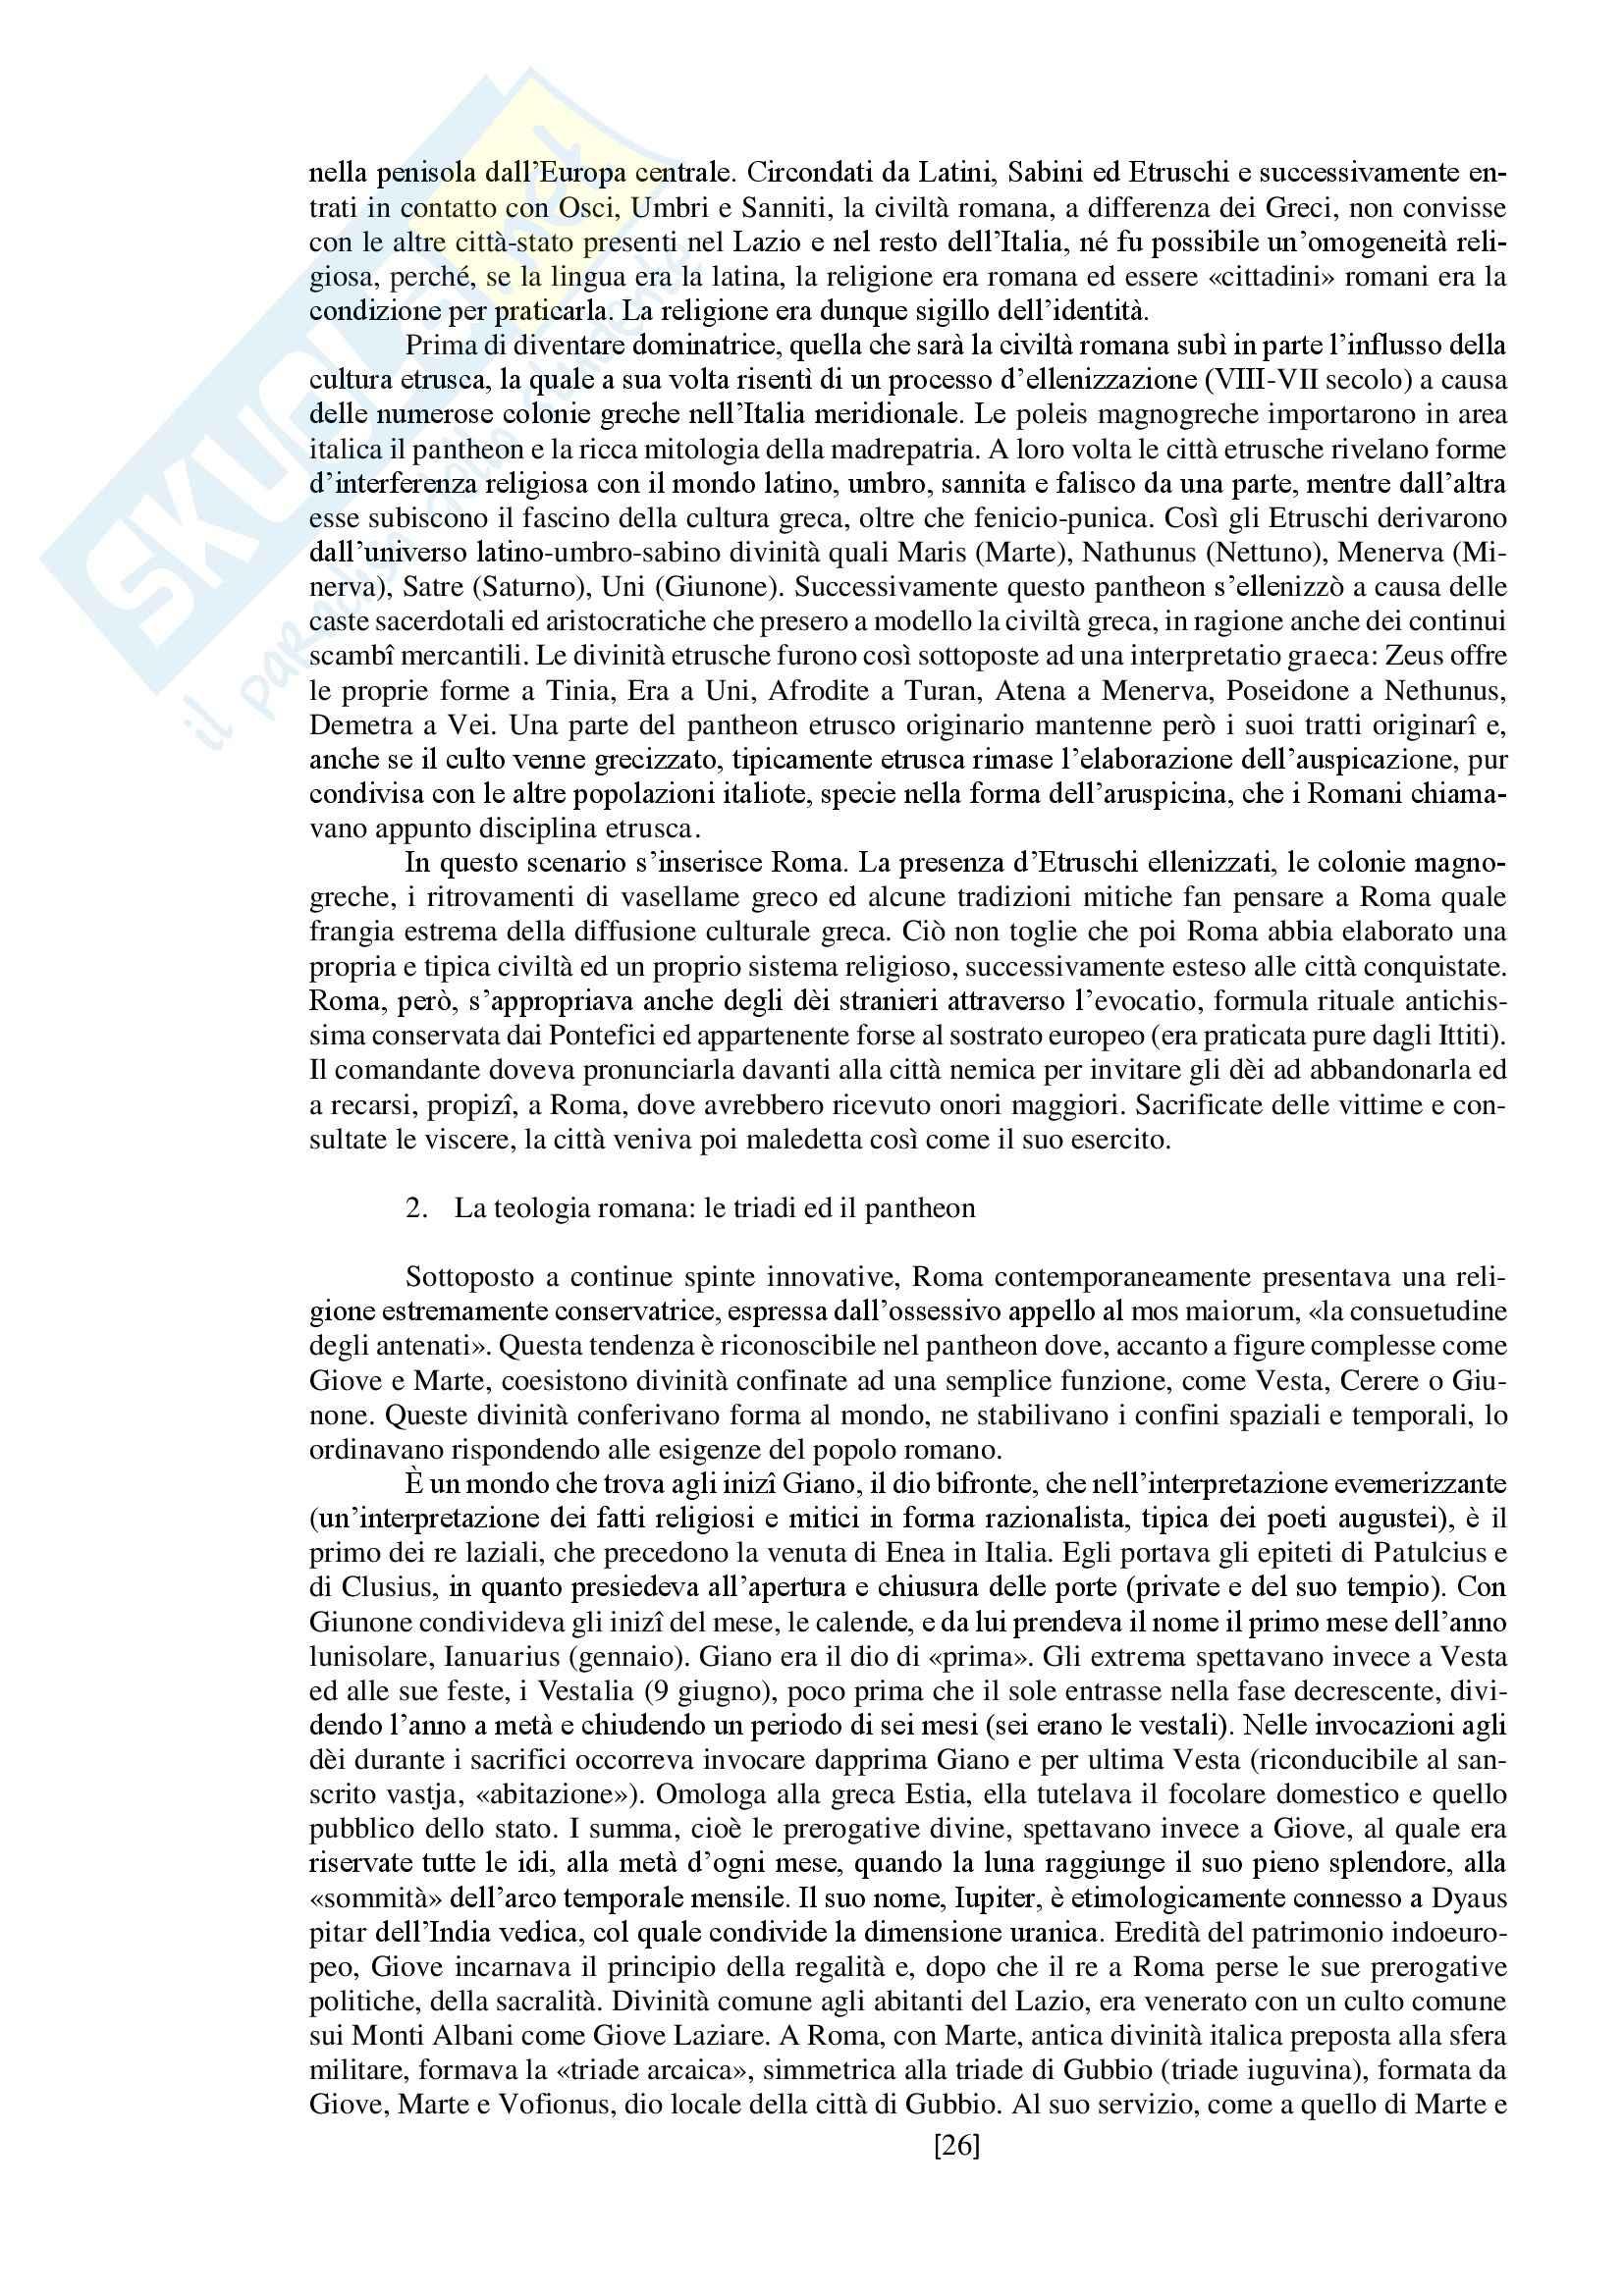 """Riassunto esame storia delle religioni, prof. Spineto, libro consigliato """"Manuale di storia delle religioni"""" di G. Filoramo, M. Massenzio, M. Raveri, P. Scarpi Pag. 26"""